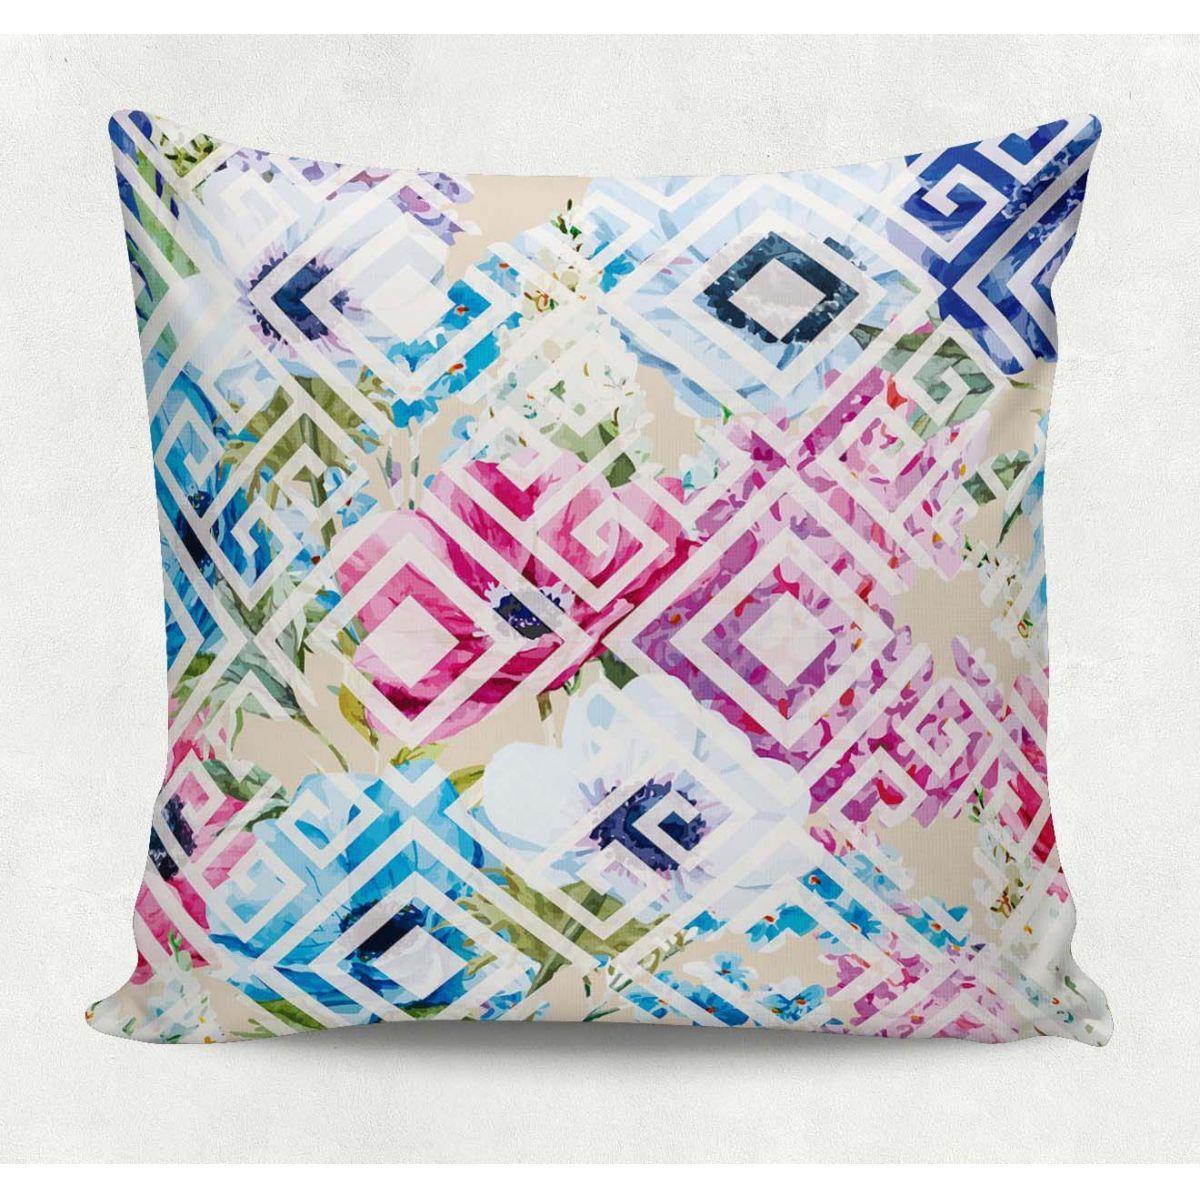 d1a62bf514 Almofada decorativa em tecido estampado - JARDIM GEOMÉTRICO – 45cm X 45cm